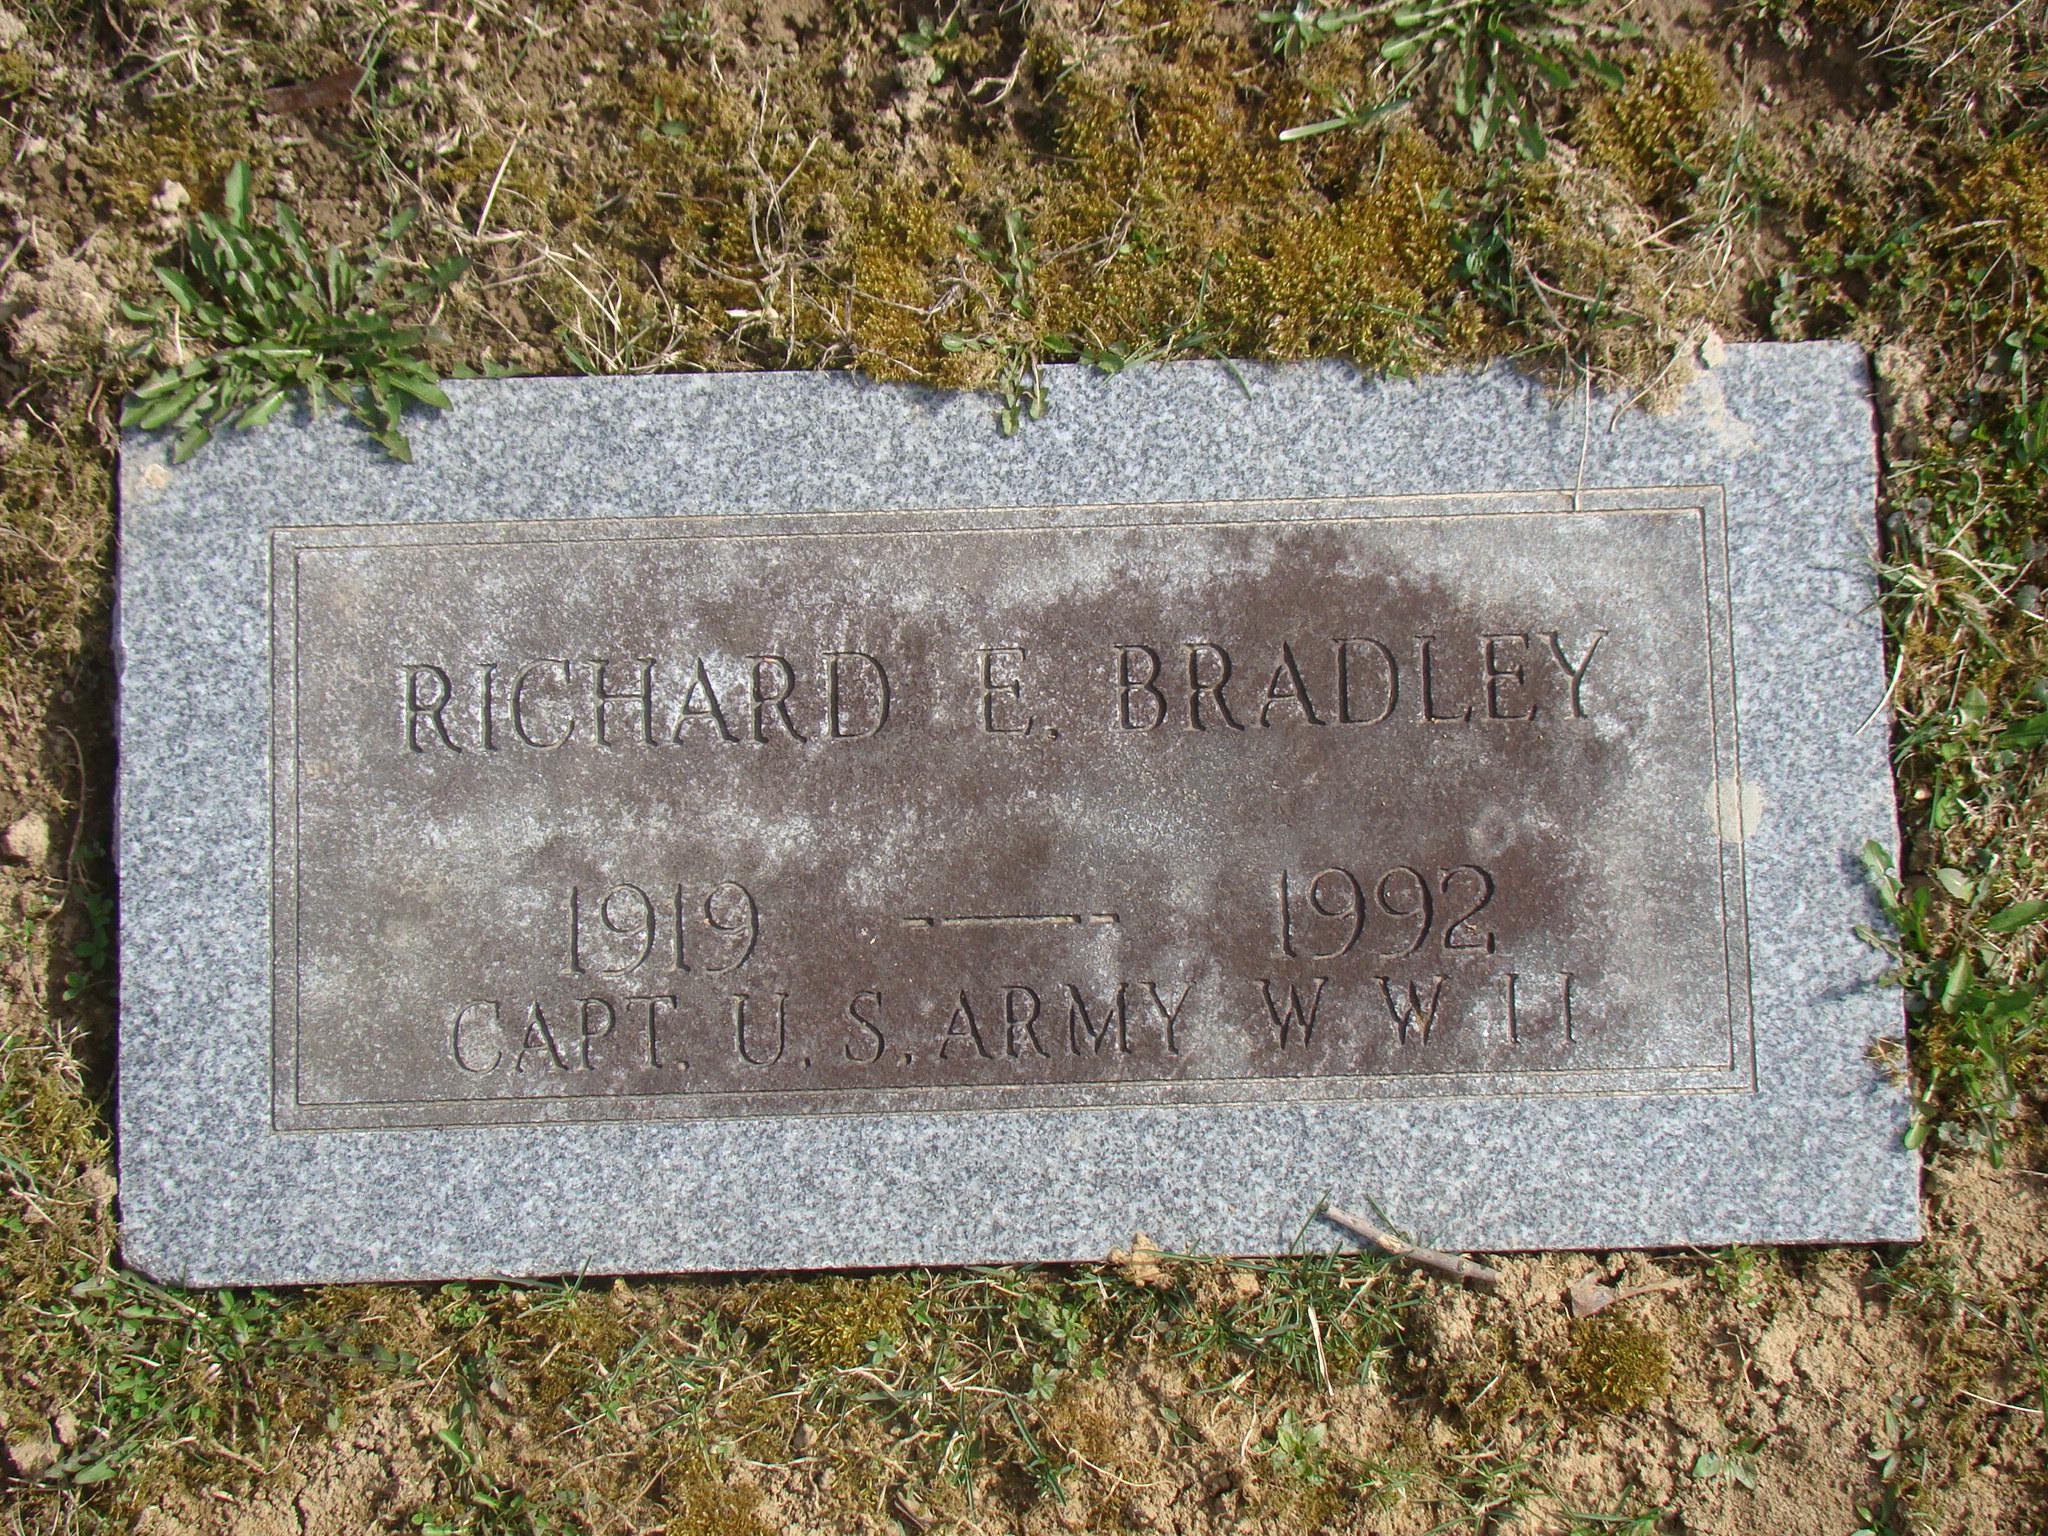 Richard E Bradley